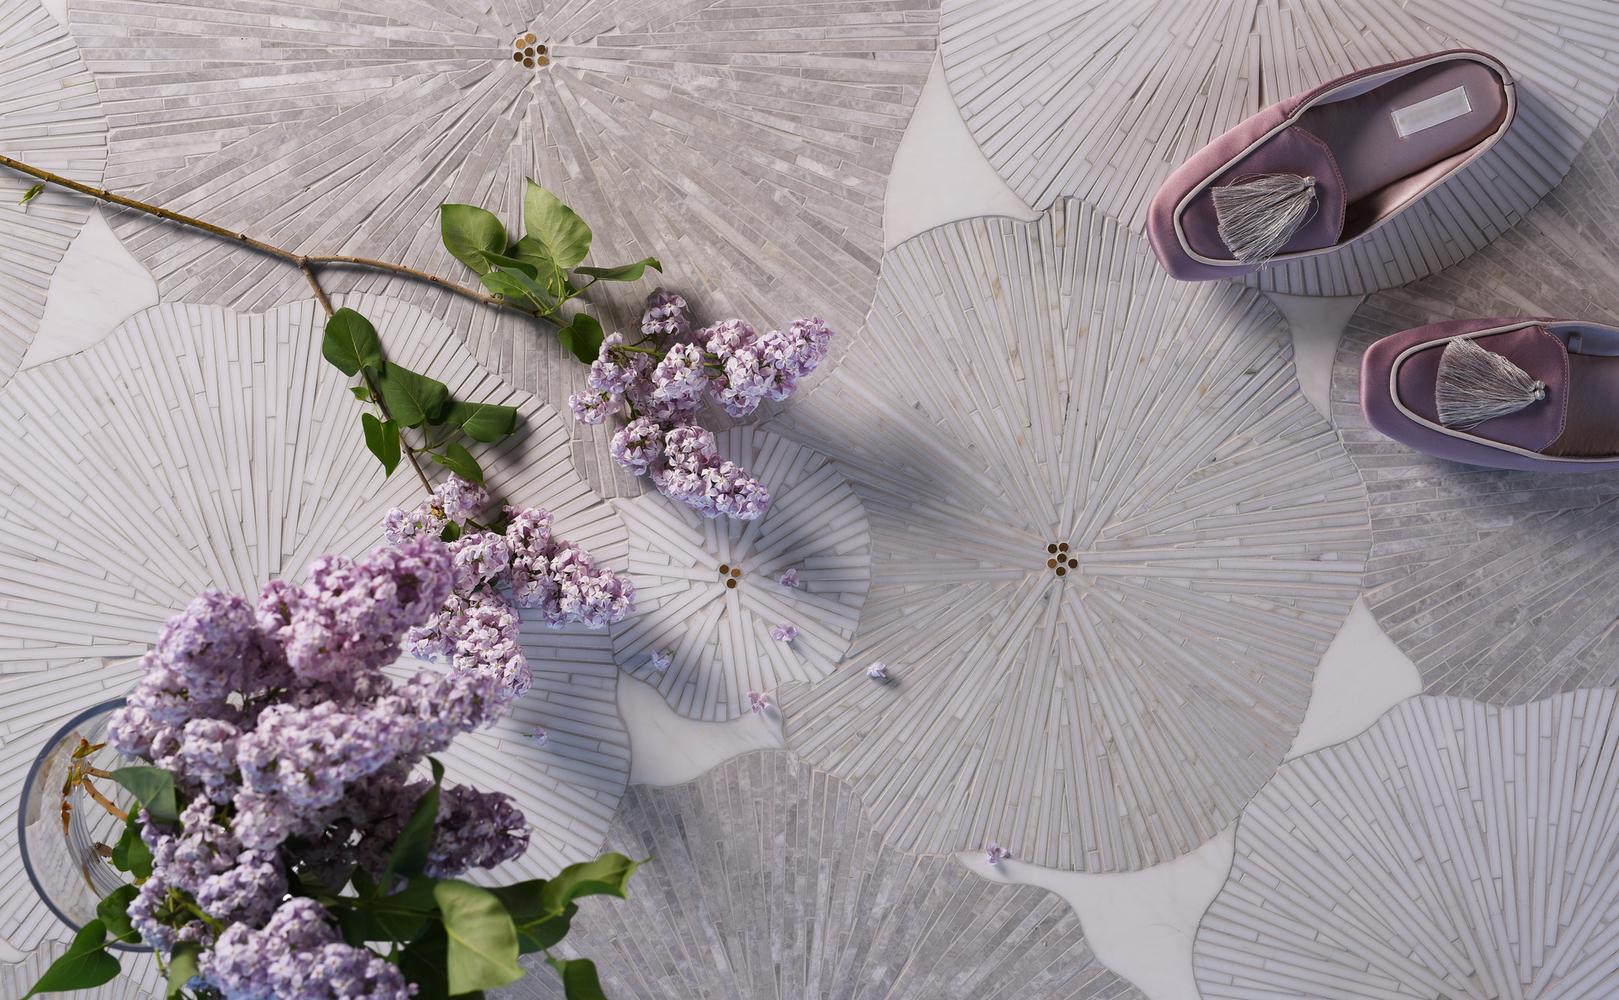 mosaique surface floral mosaic tile floor